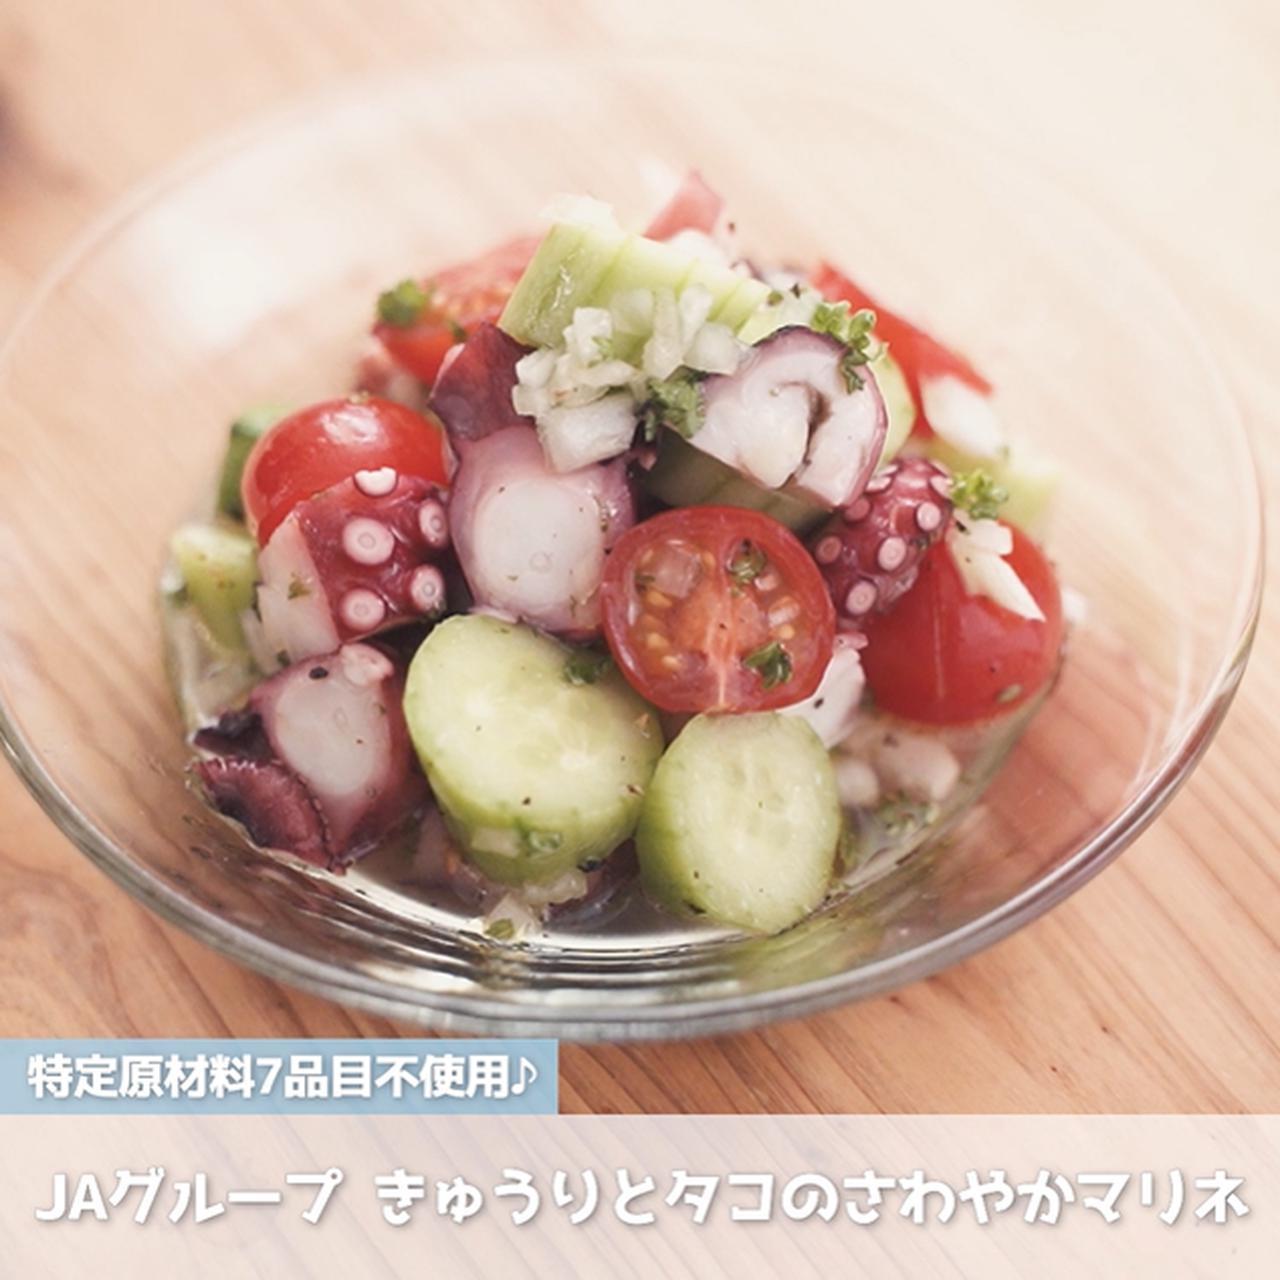 画像: 彩りさわやか!副菜に追加したい、JAグループさまのきゅうりとタコのさわやかマリネ - 君とごはん